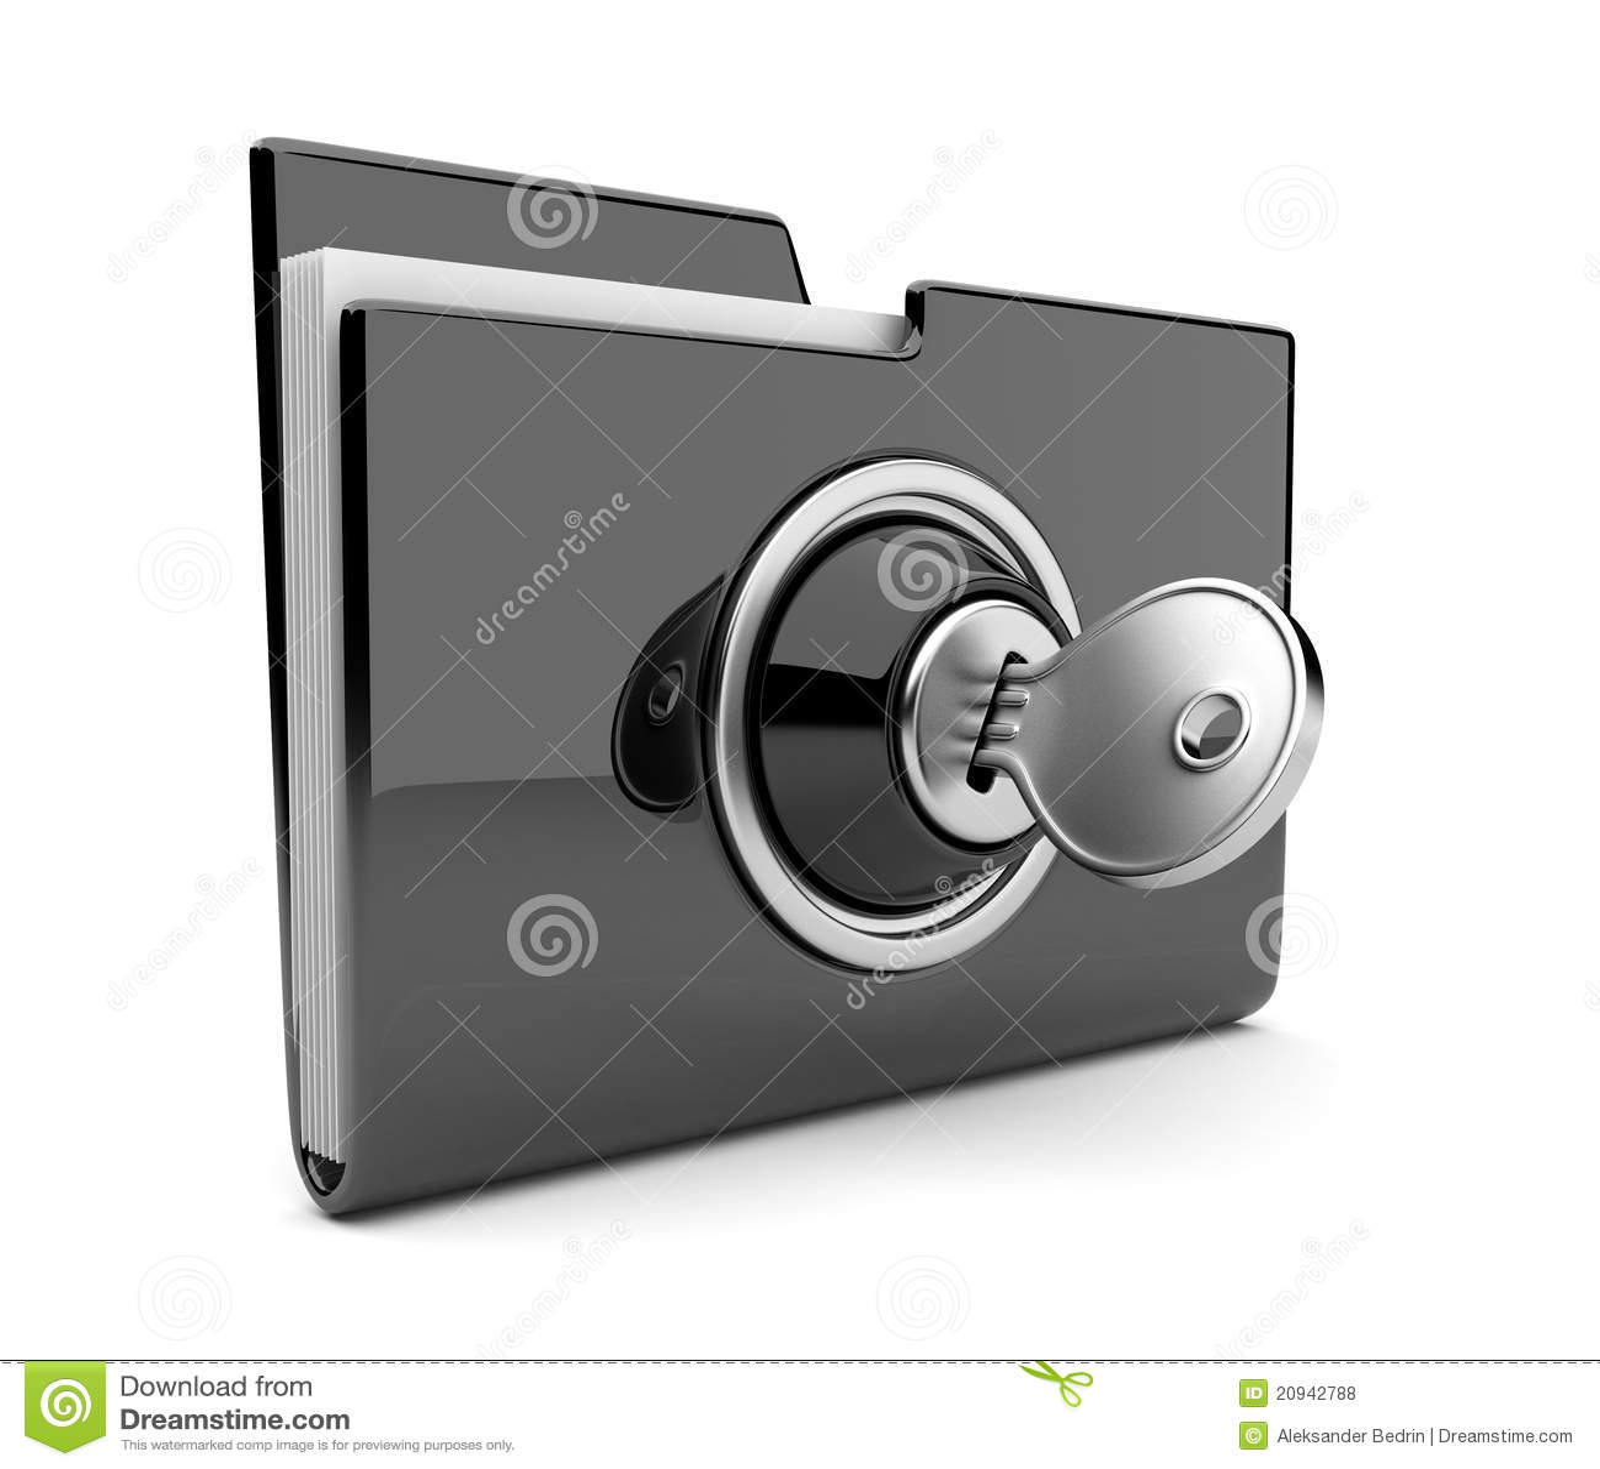 is folder lock safe